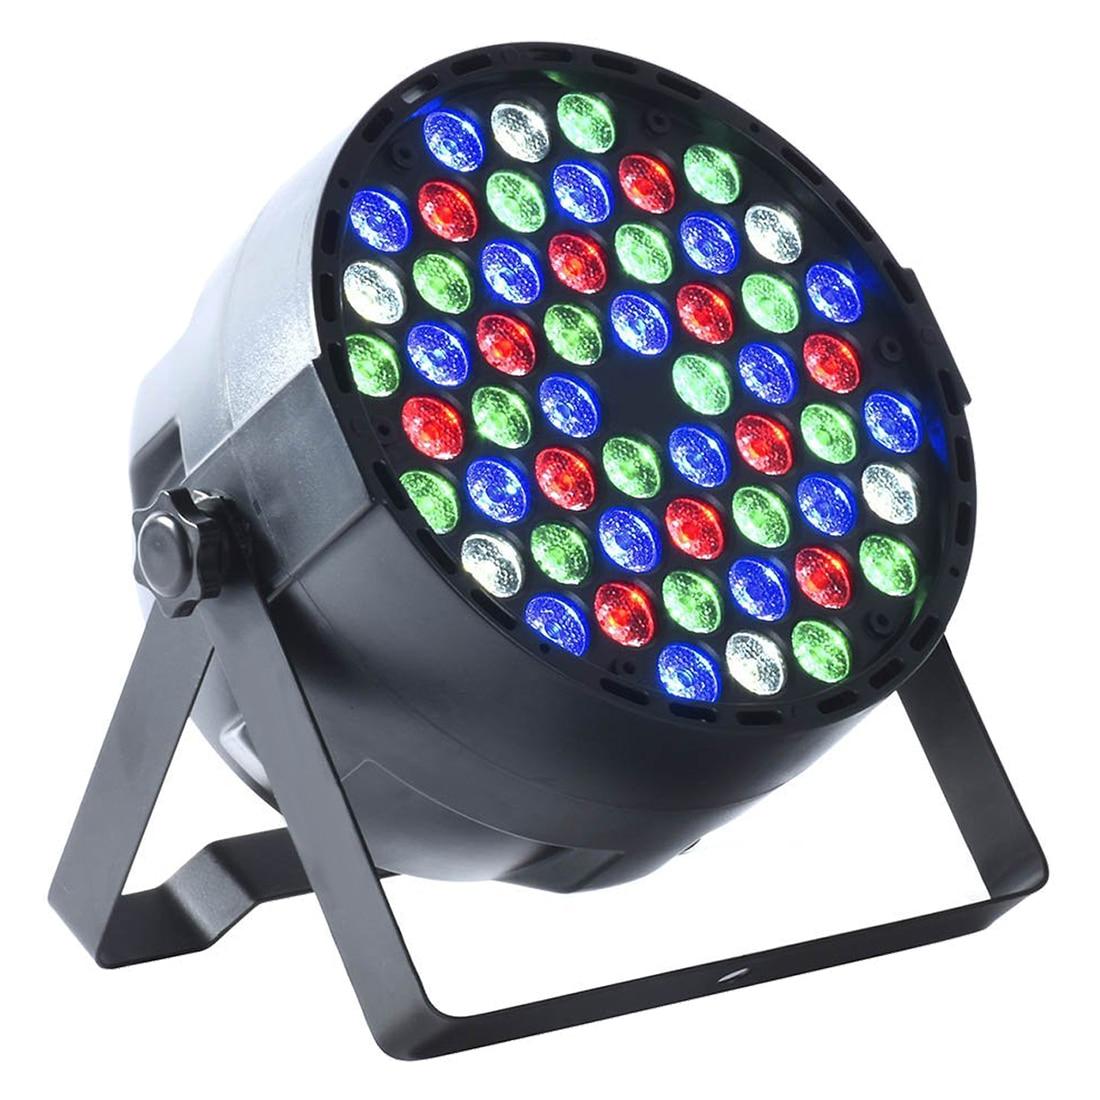 4pcs 54X3W LED DJ PAR Light RGBW 162Watt DMX 512 Stage Lighting Disco Projector4pcs 54X3W LED DJ PAR Light RGBW 162Watt DMX 512 Stage Lighting Disco Projector